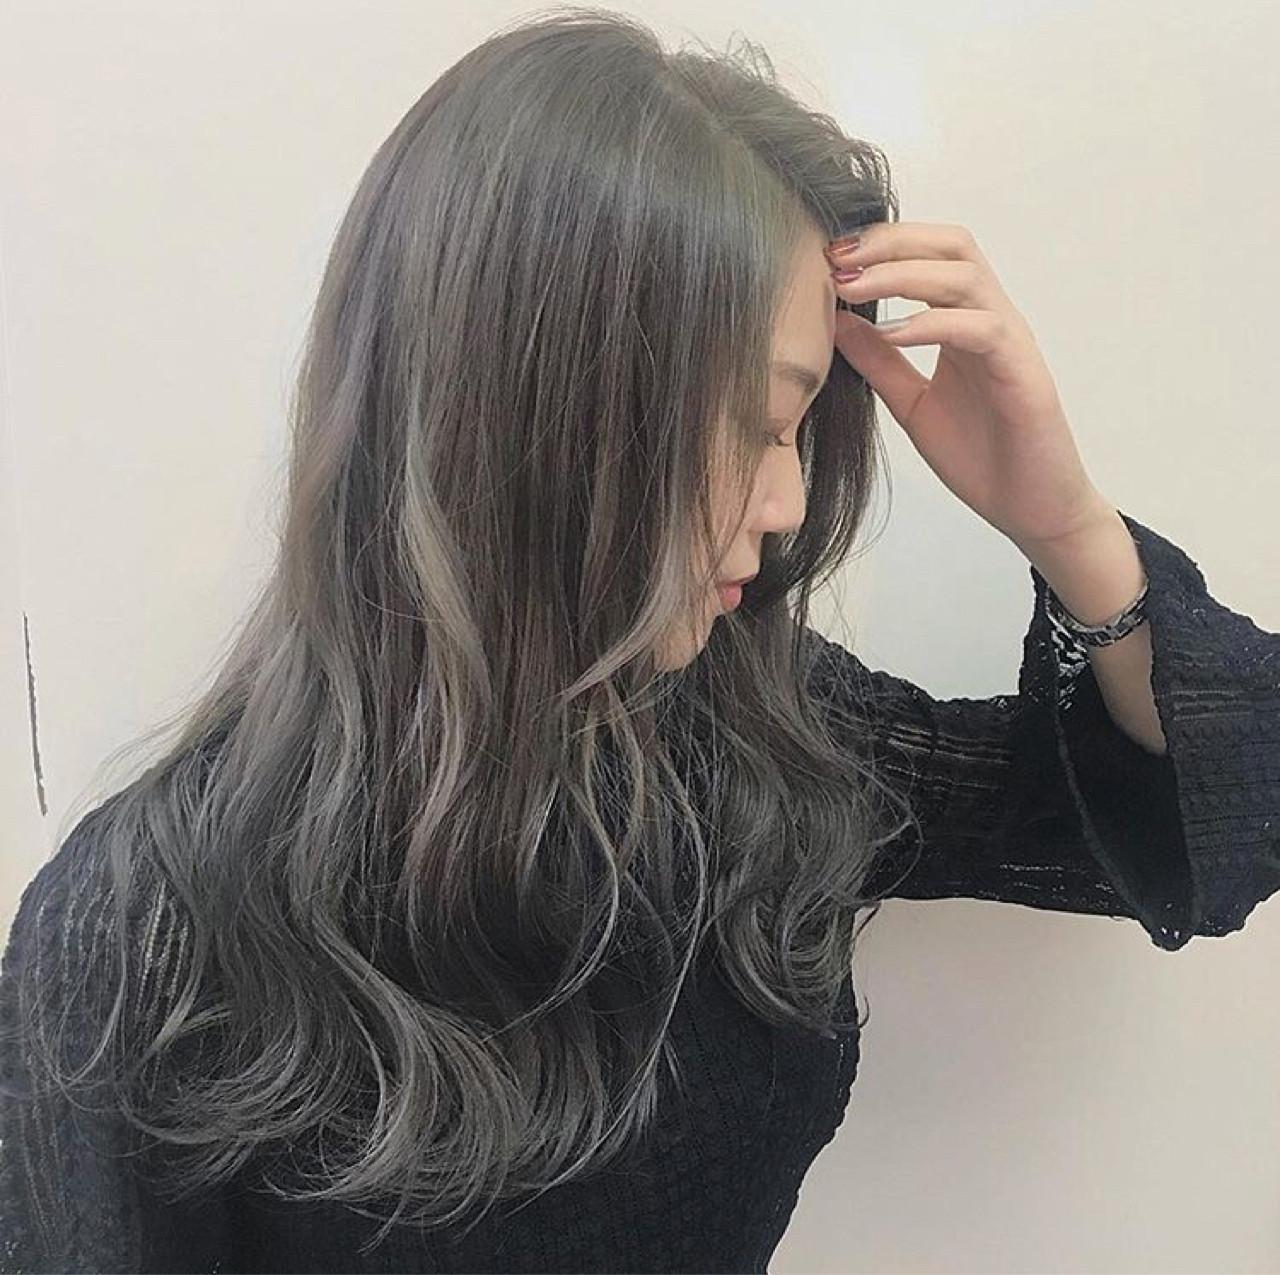 ハイライト 透明感 ロング アッシュ ヘアスタイルや髪型の写真・画像